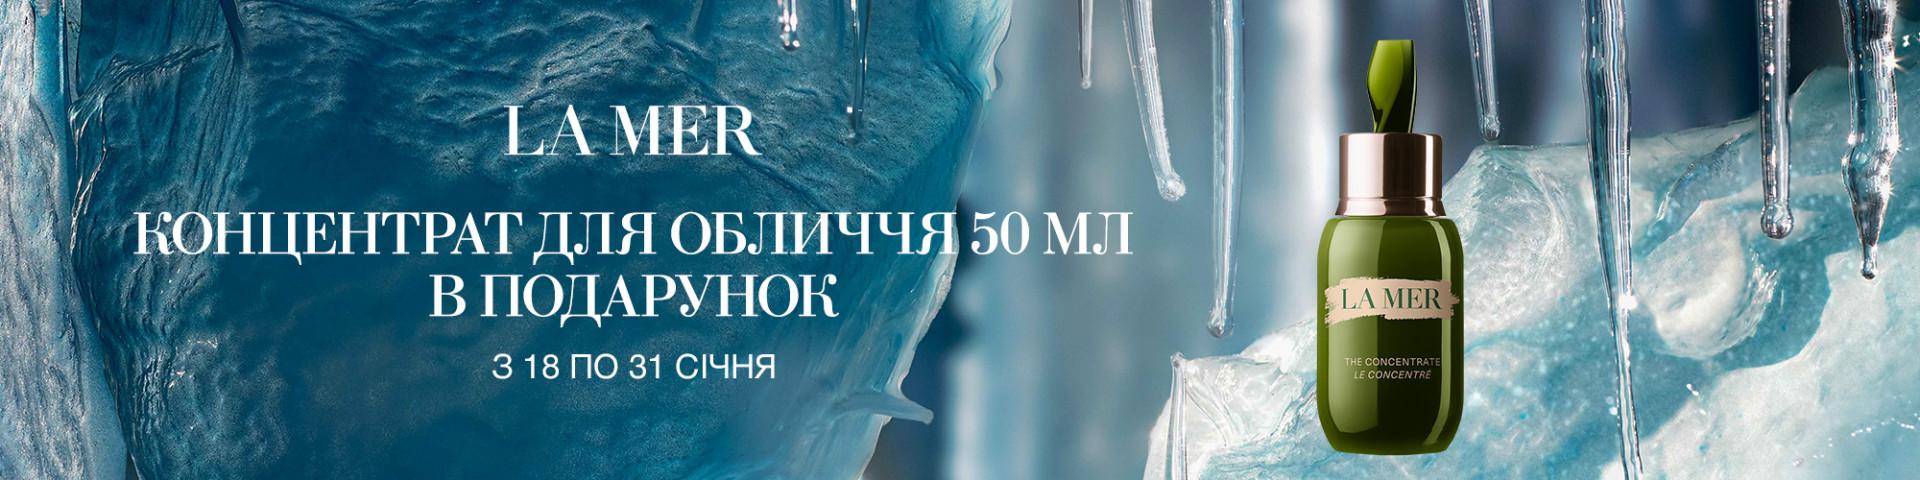 Акция від La Mer 18-31 січня